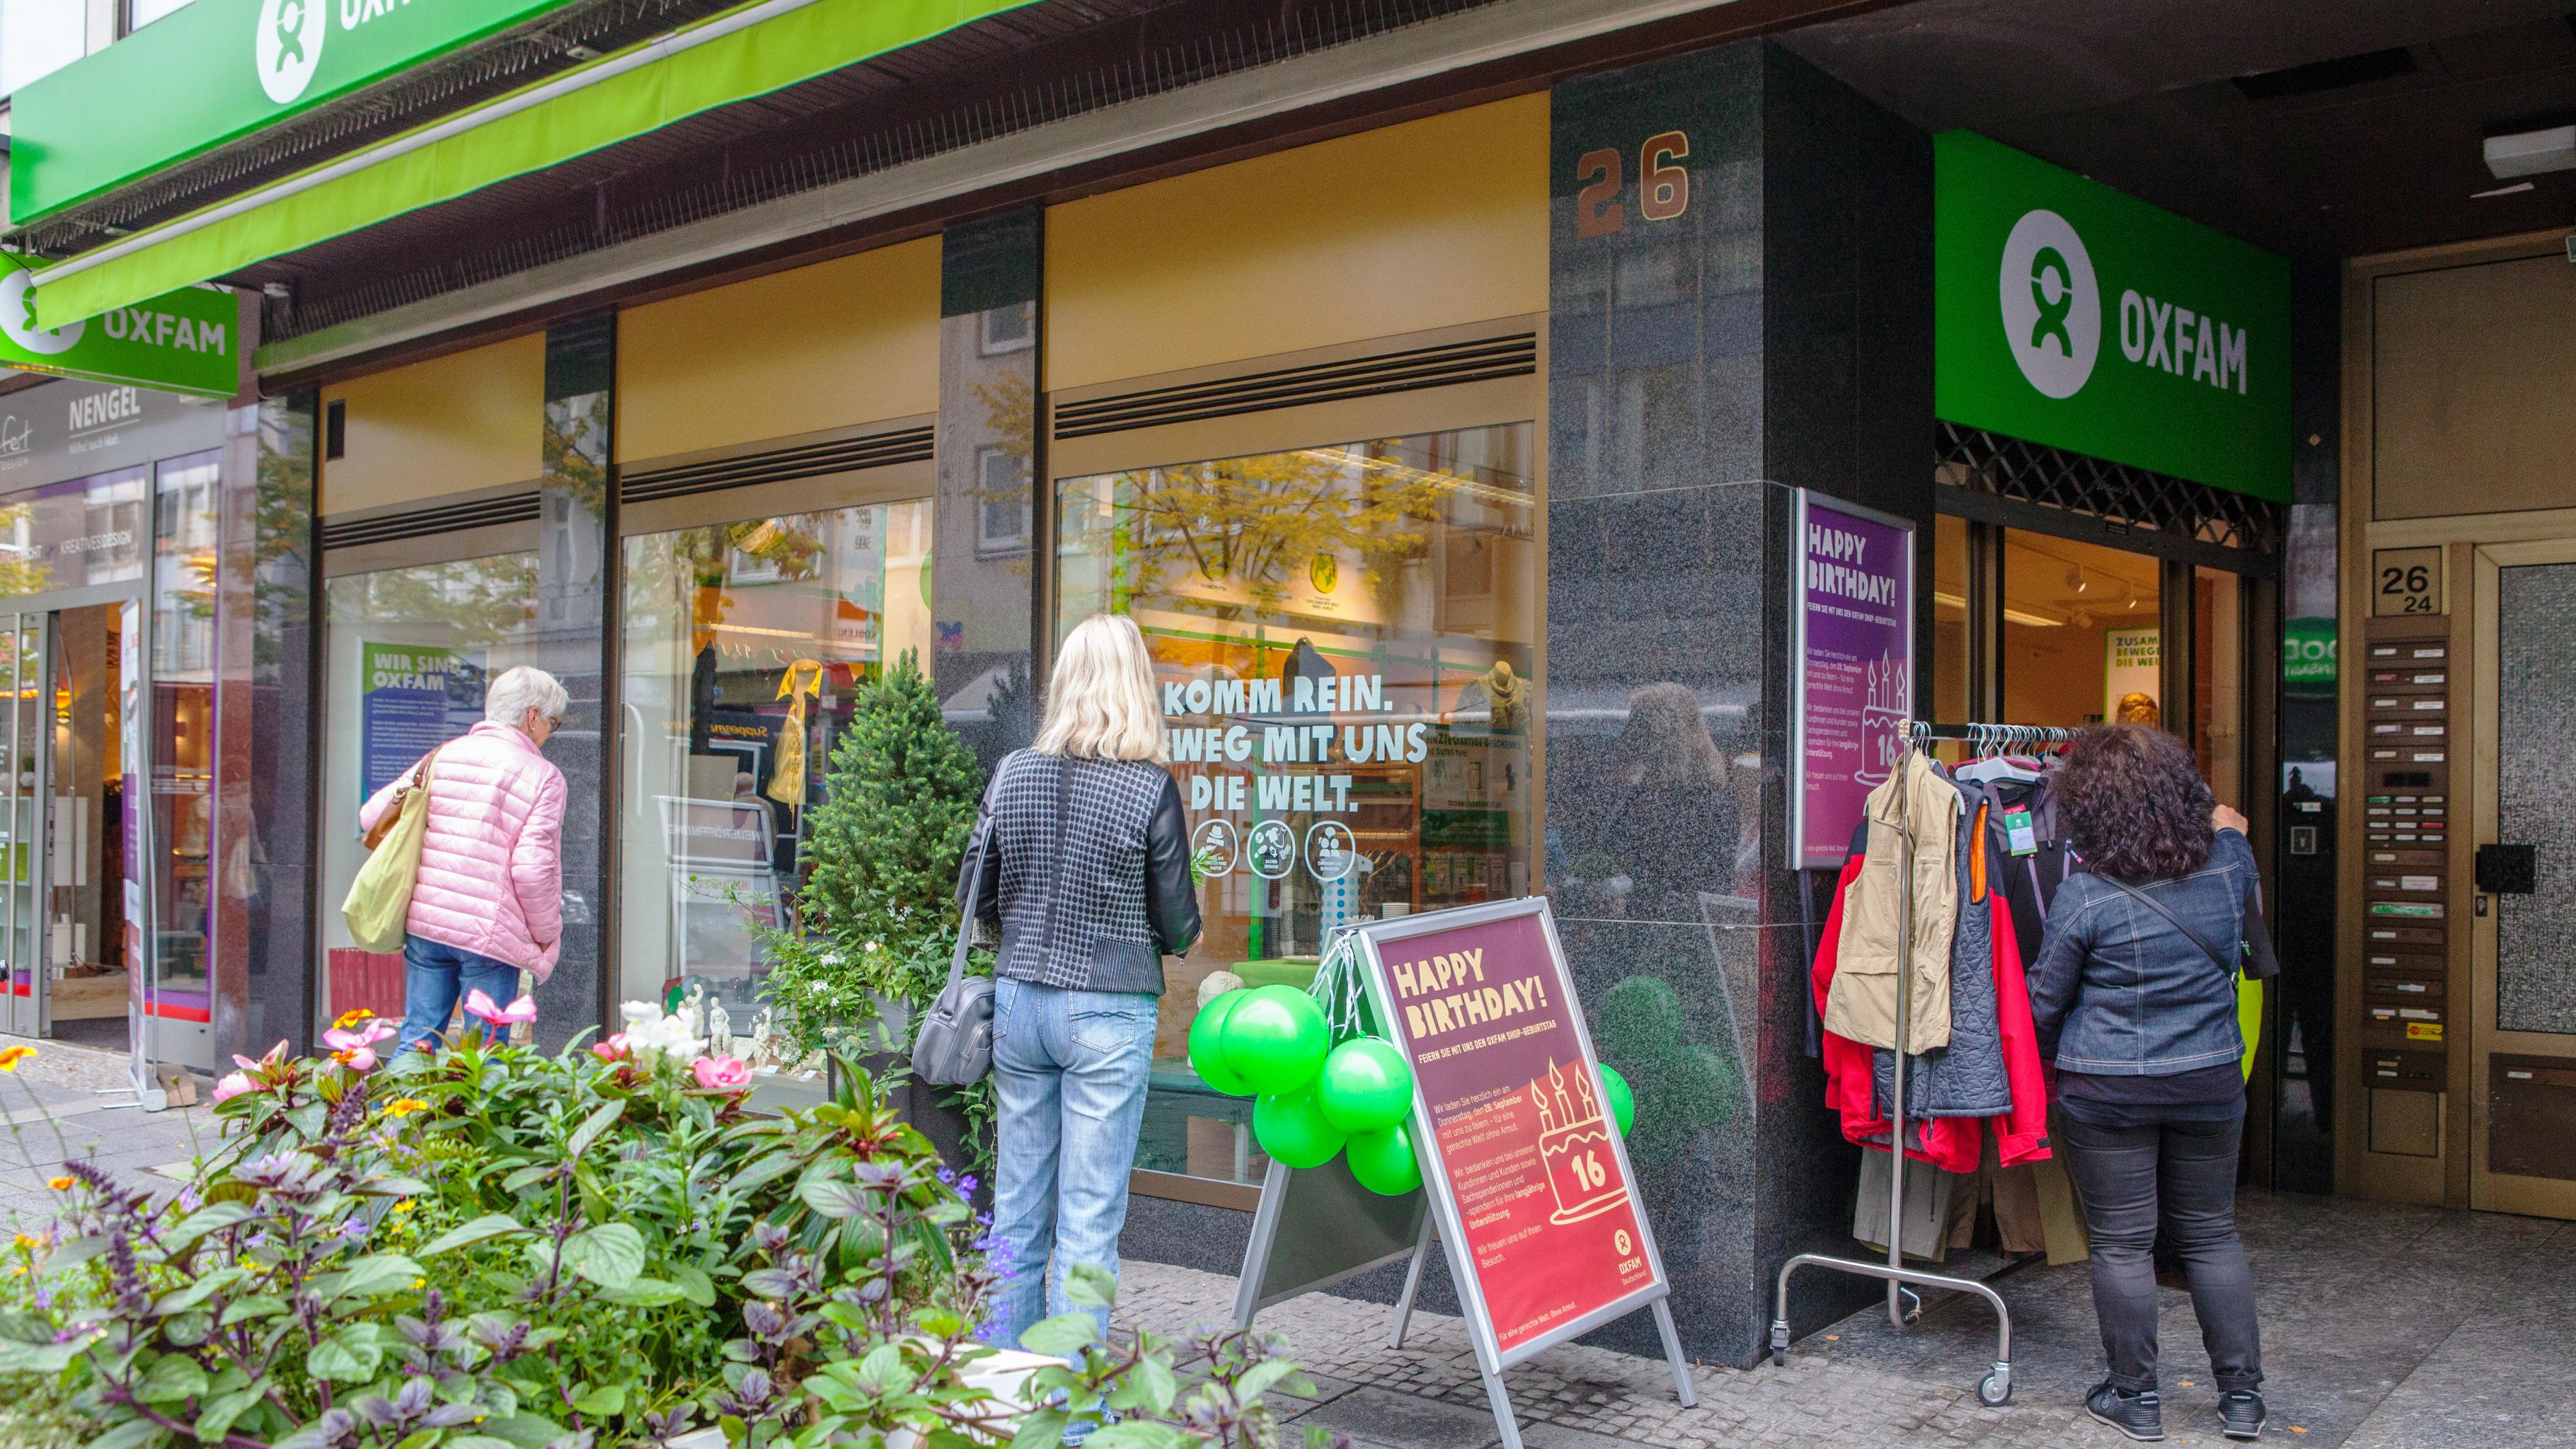 Oxfam Shop Koblenz - Außenansicht